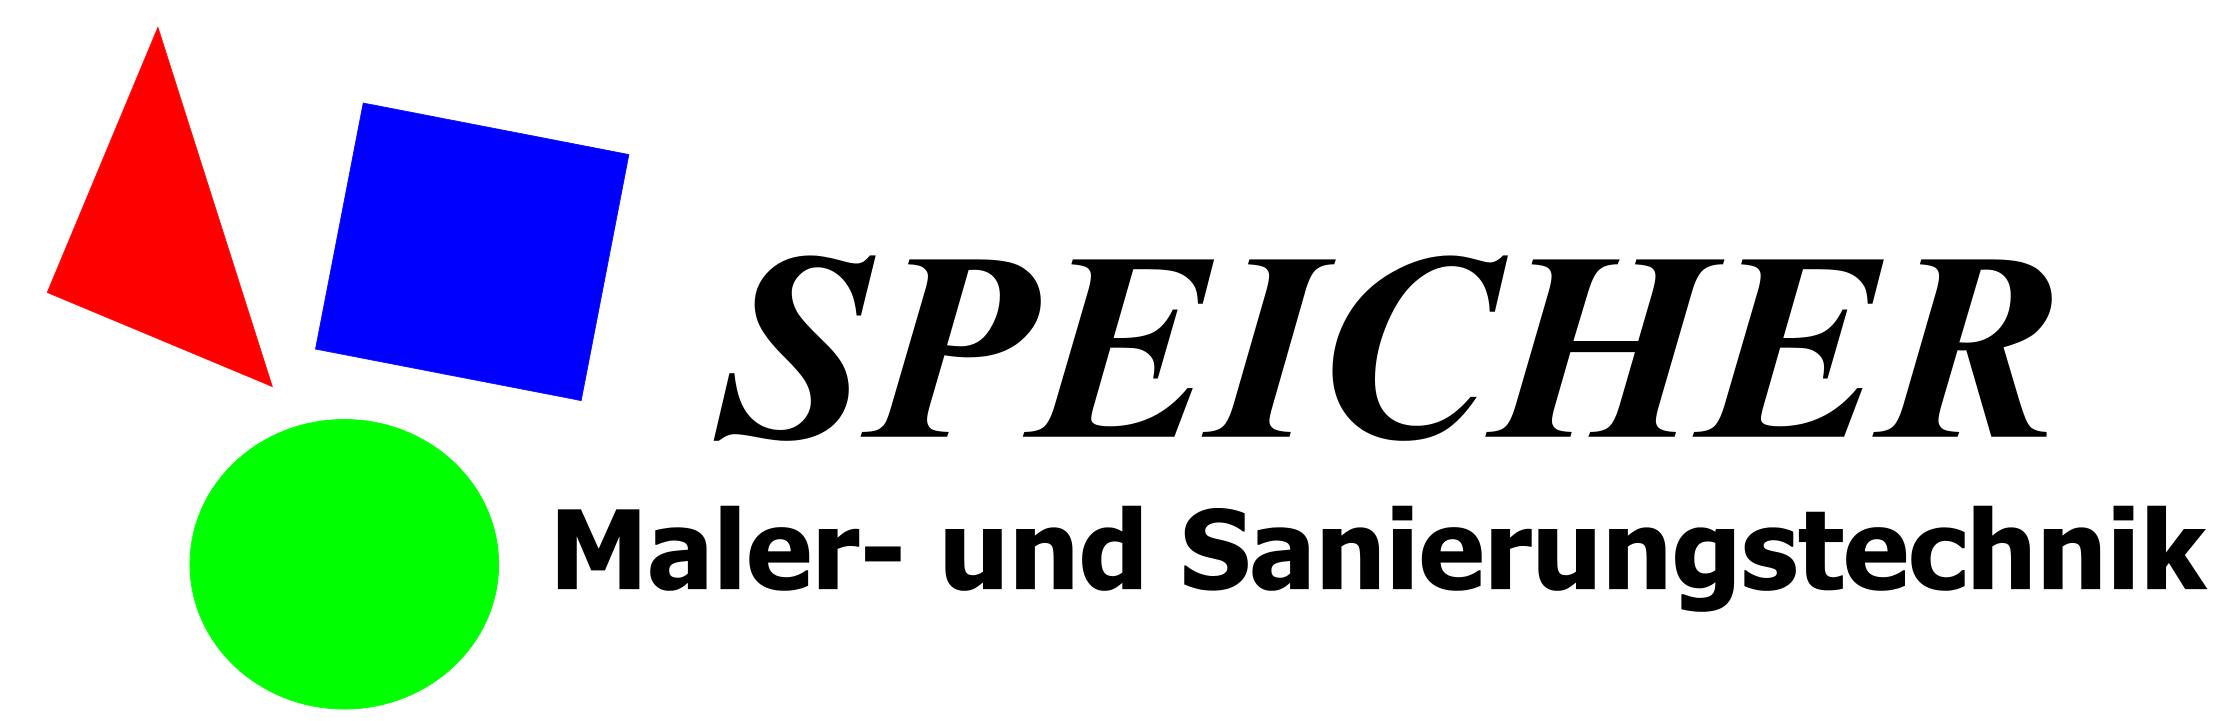 Speicher – Maler- und Sanierungstechnik Hilzingen